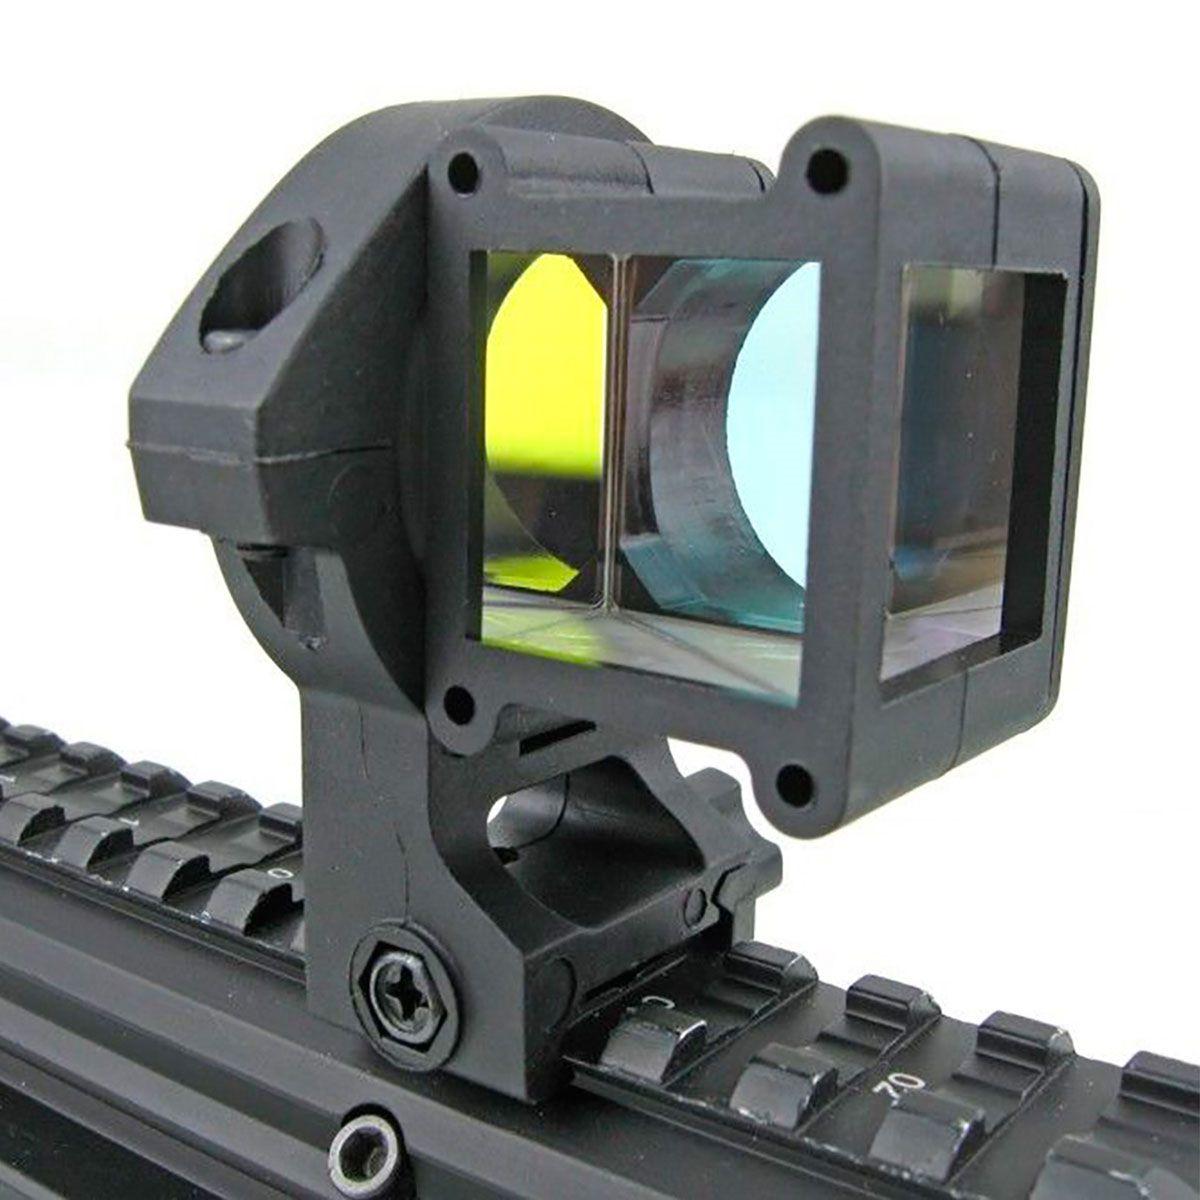 Periscópio Refletor de Visão Angleisht Element